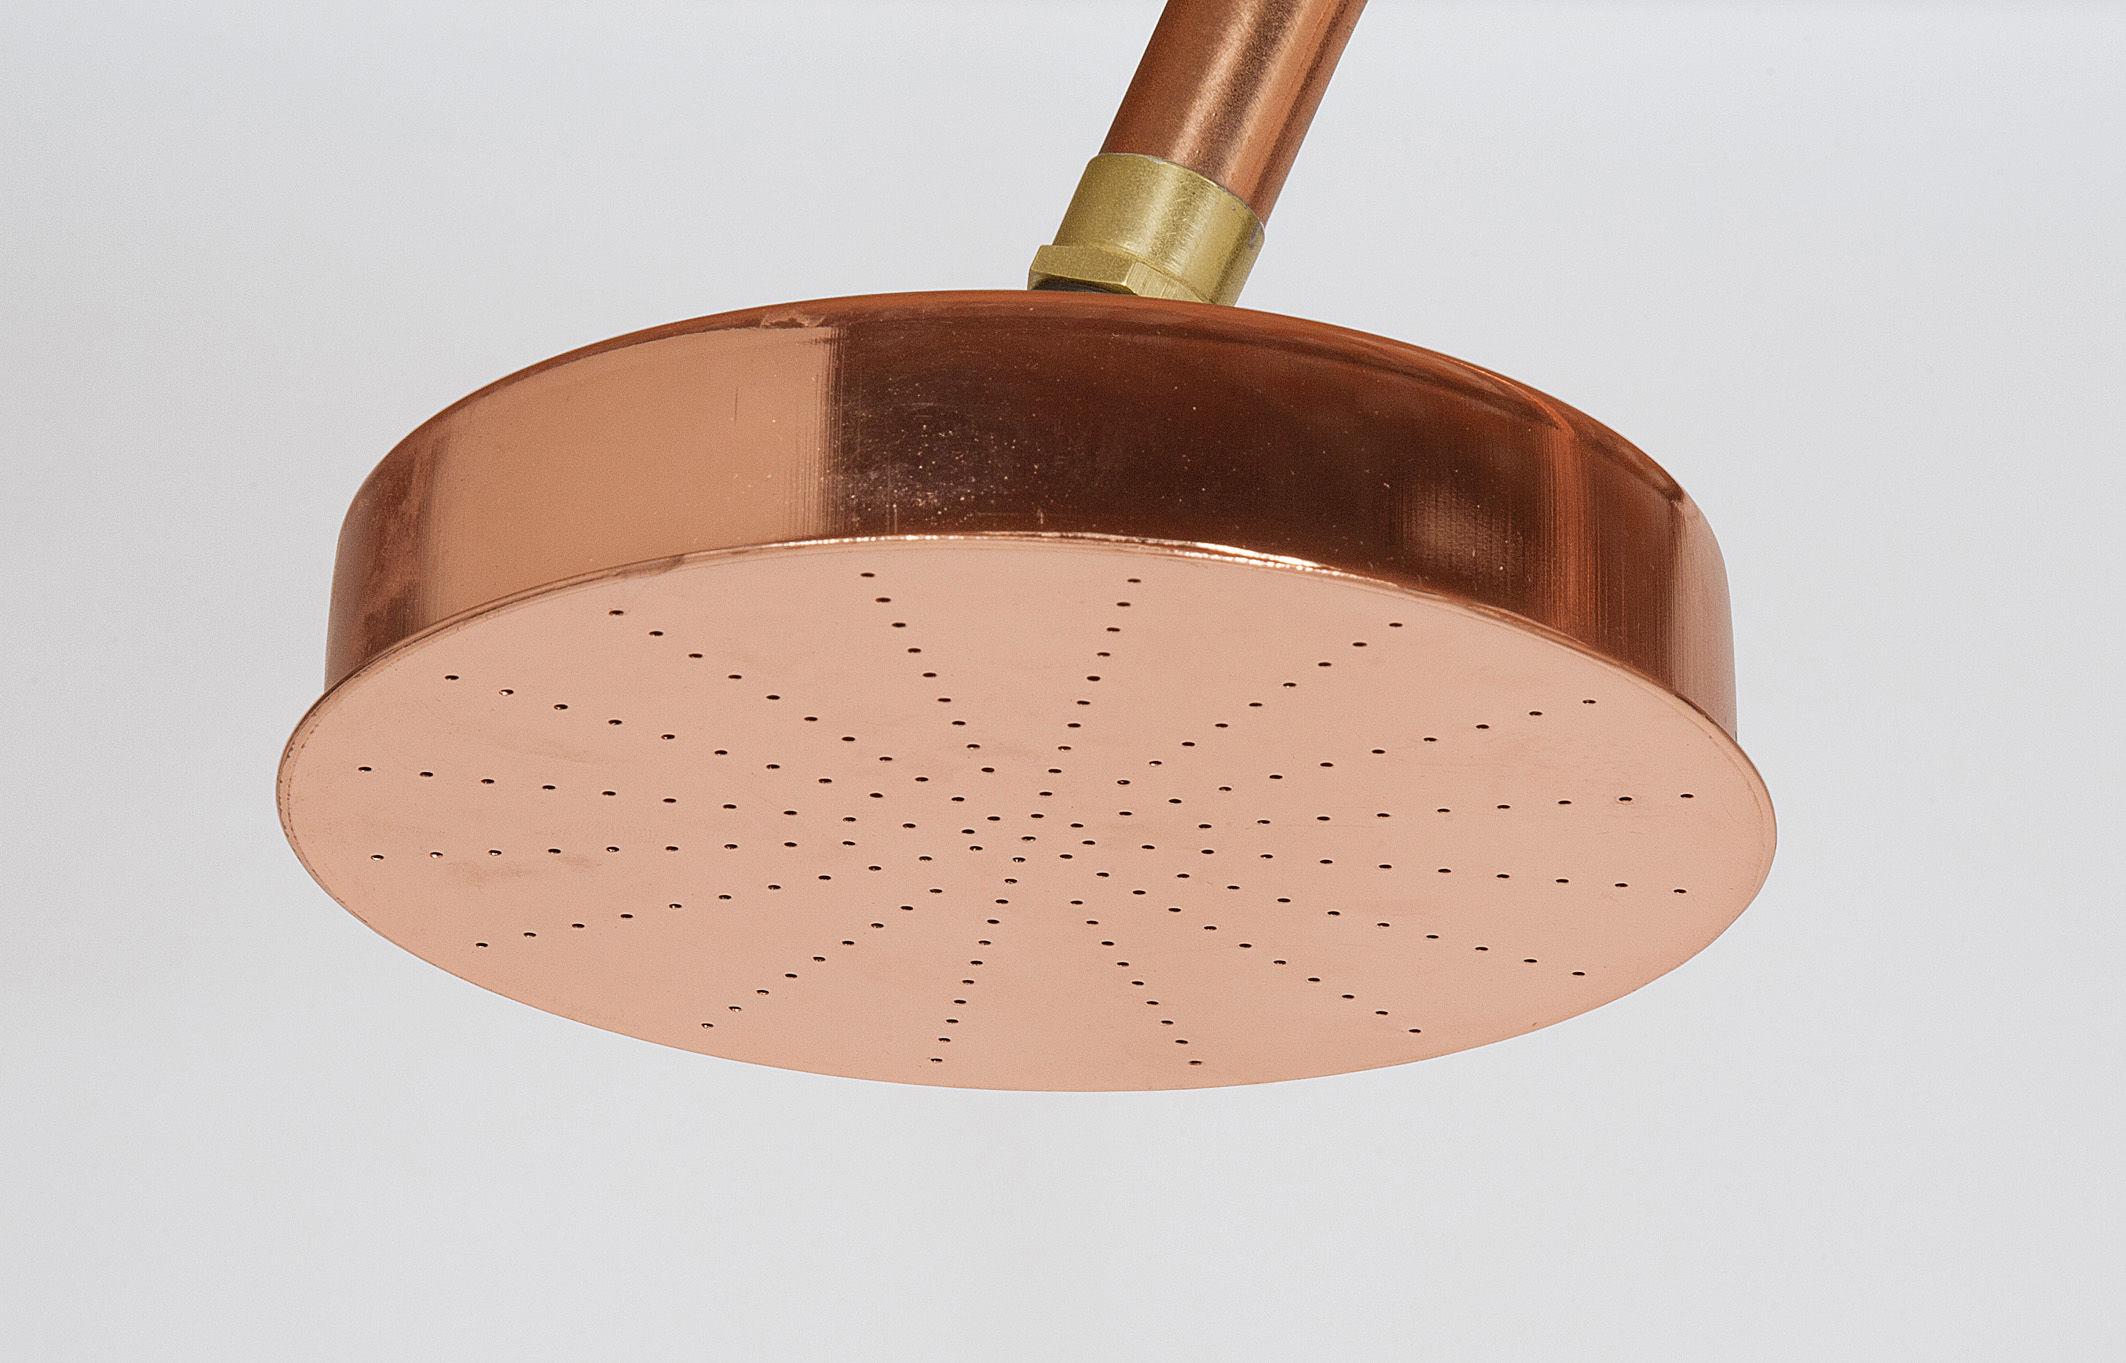 Aquart lux doccia per esterni rame & cemento rame cemento